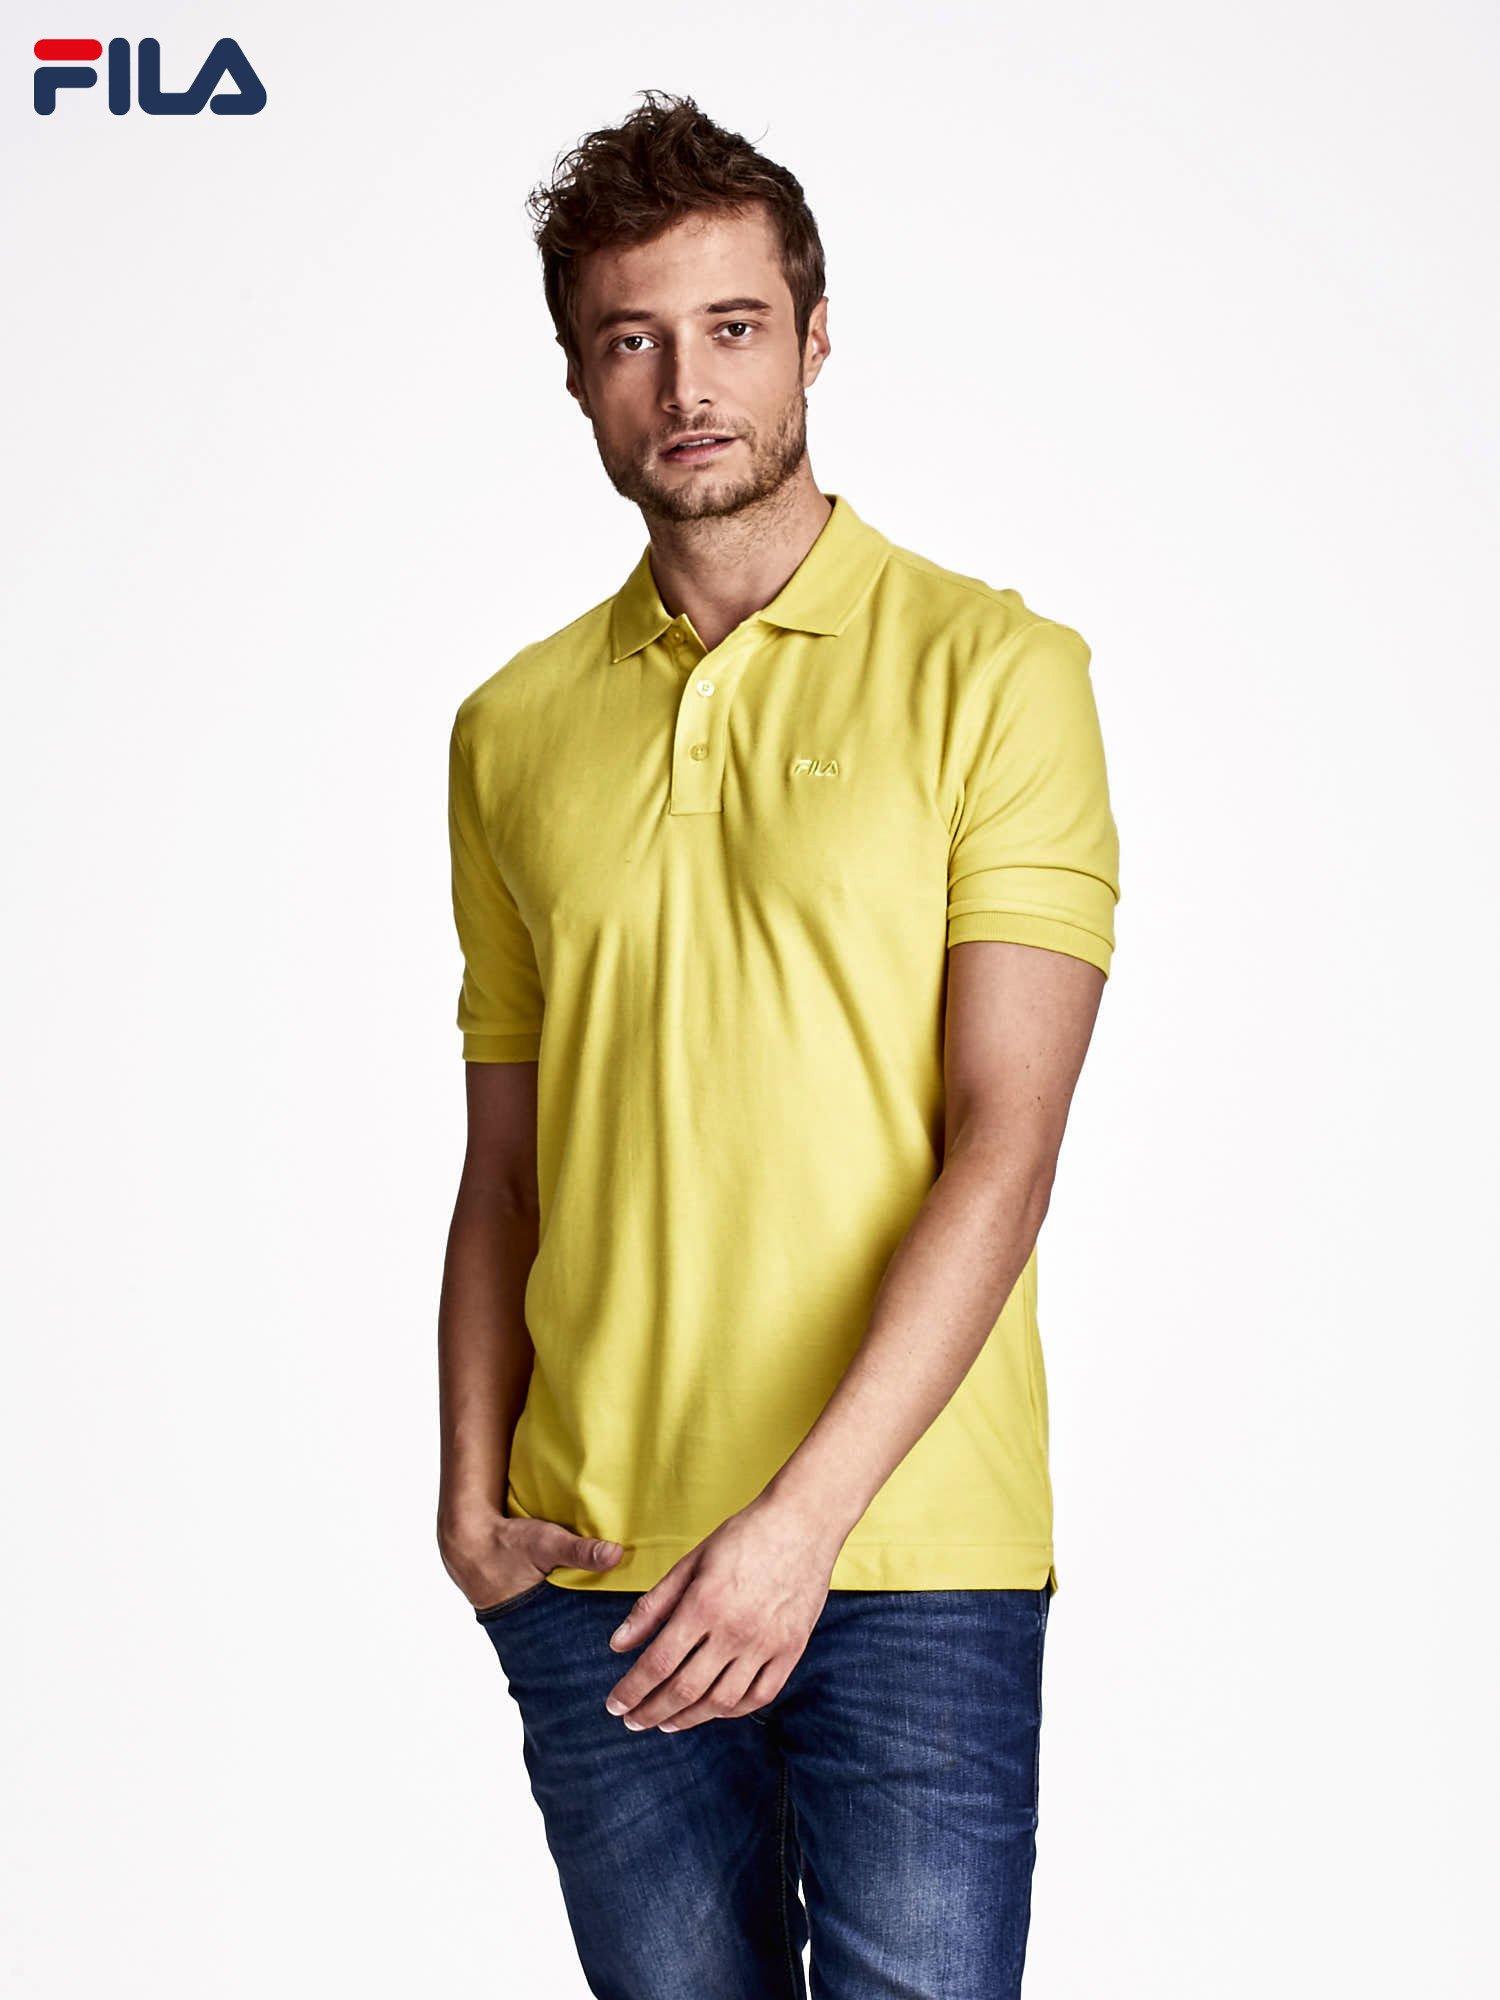 b6e589a95c9c61 FILA Żółta koszulka polo męska - Mężczyźni koszulka polo męskie ...